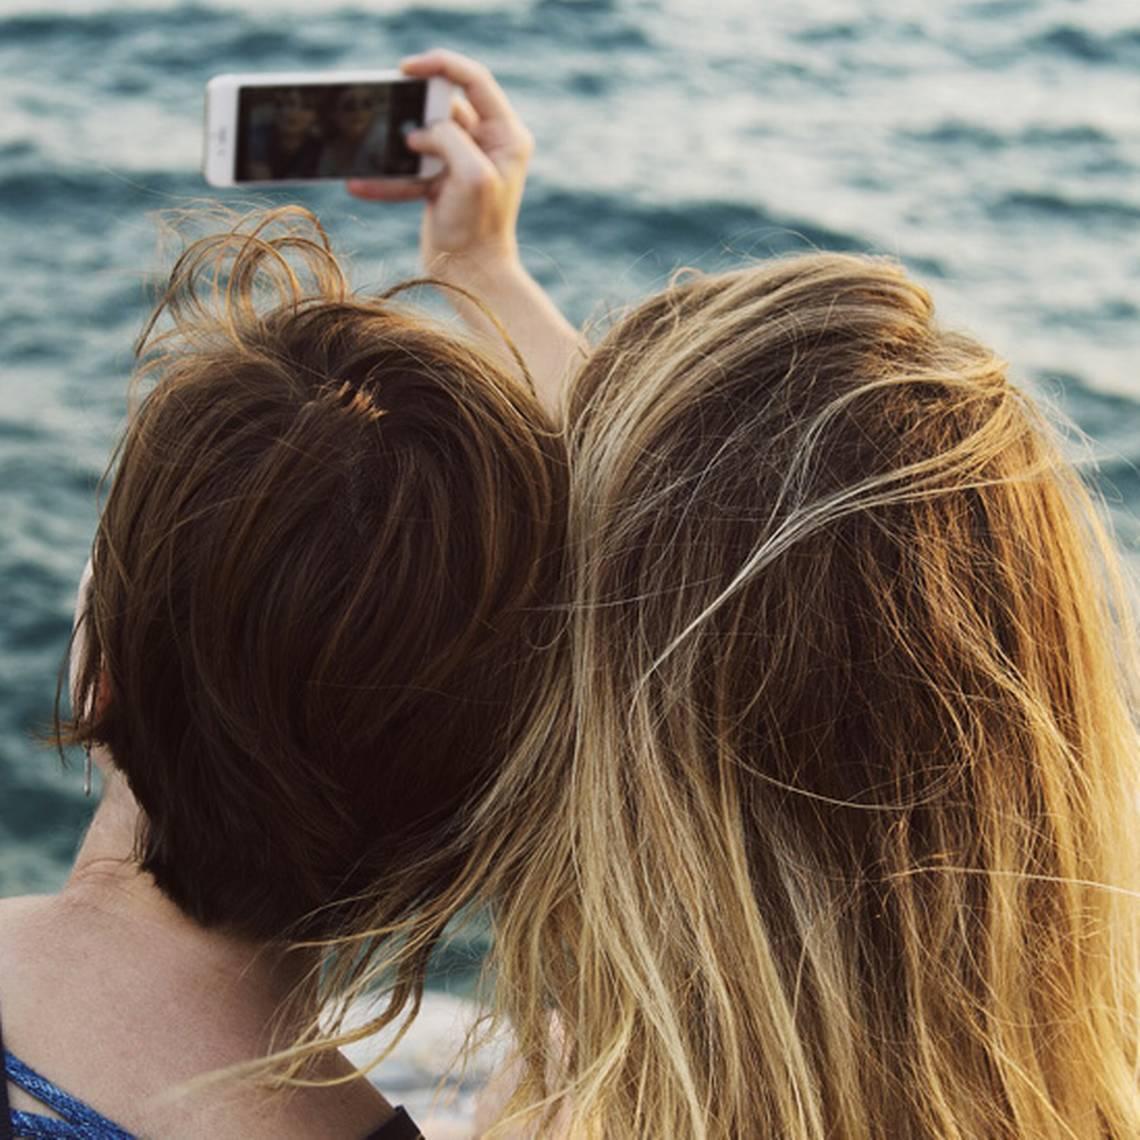 #SelfieDay: Estas fueron las primeras selfies de la historia